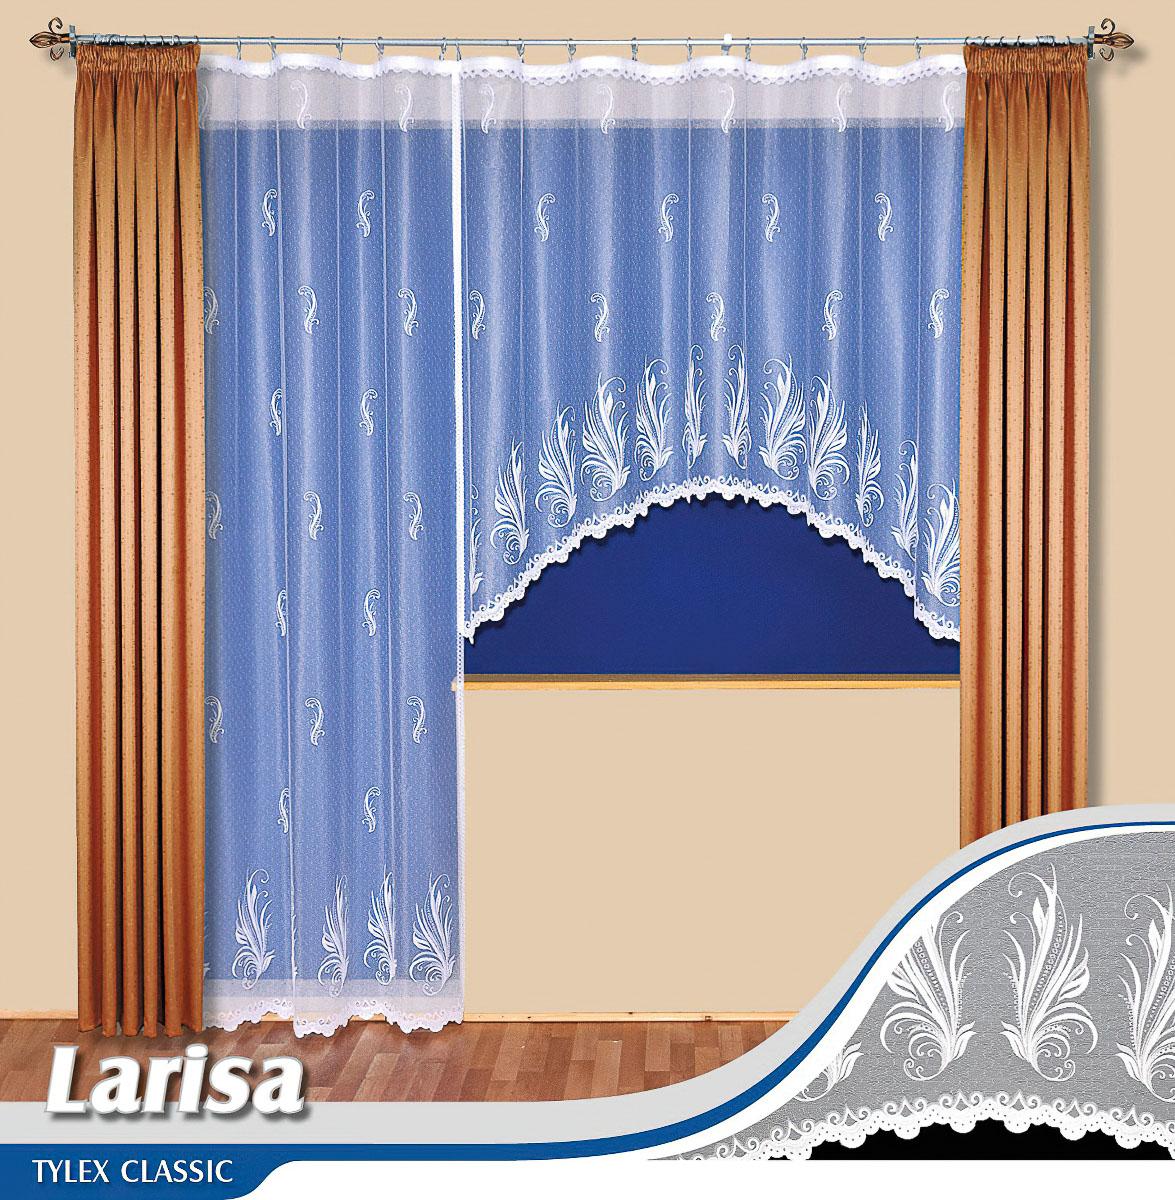 Tylex kusová záclona LARISA jednobarevná bílá, výška 250 cm x šířka 200 cm (na dveře)